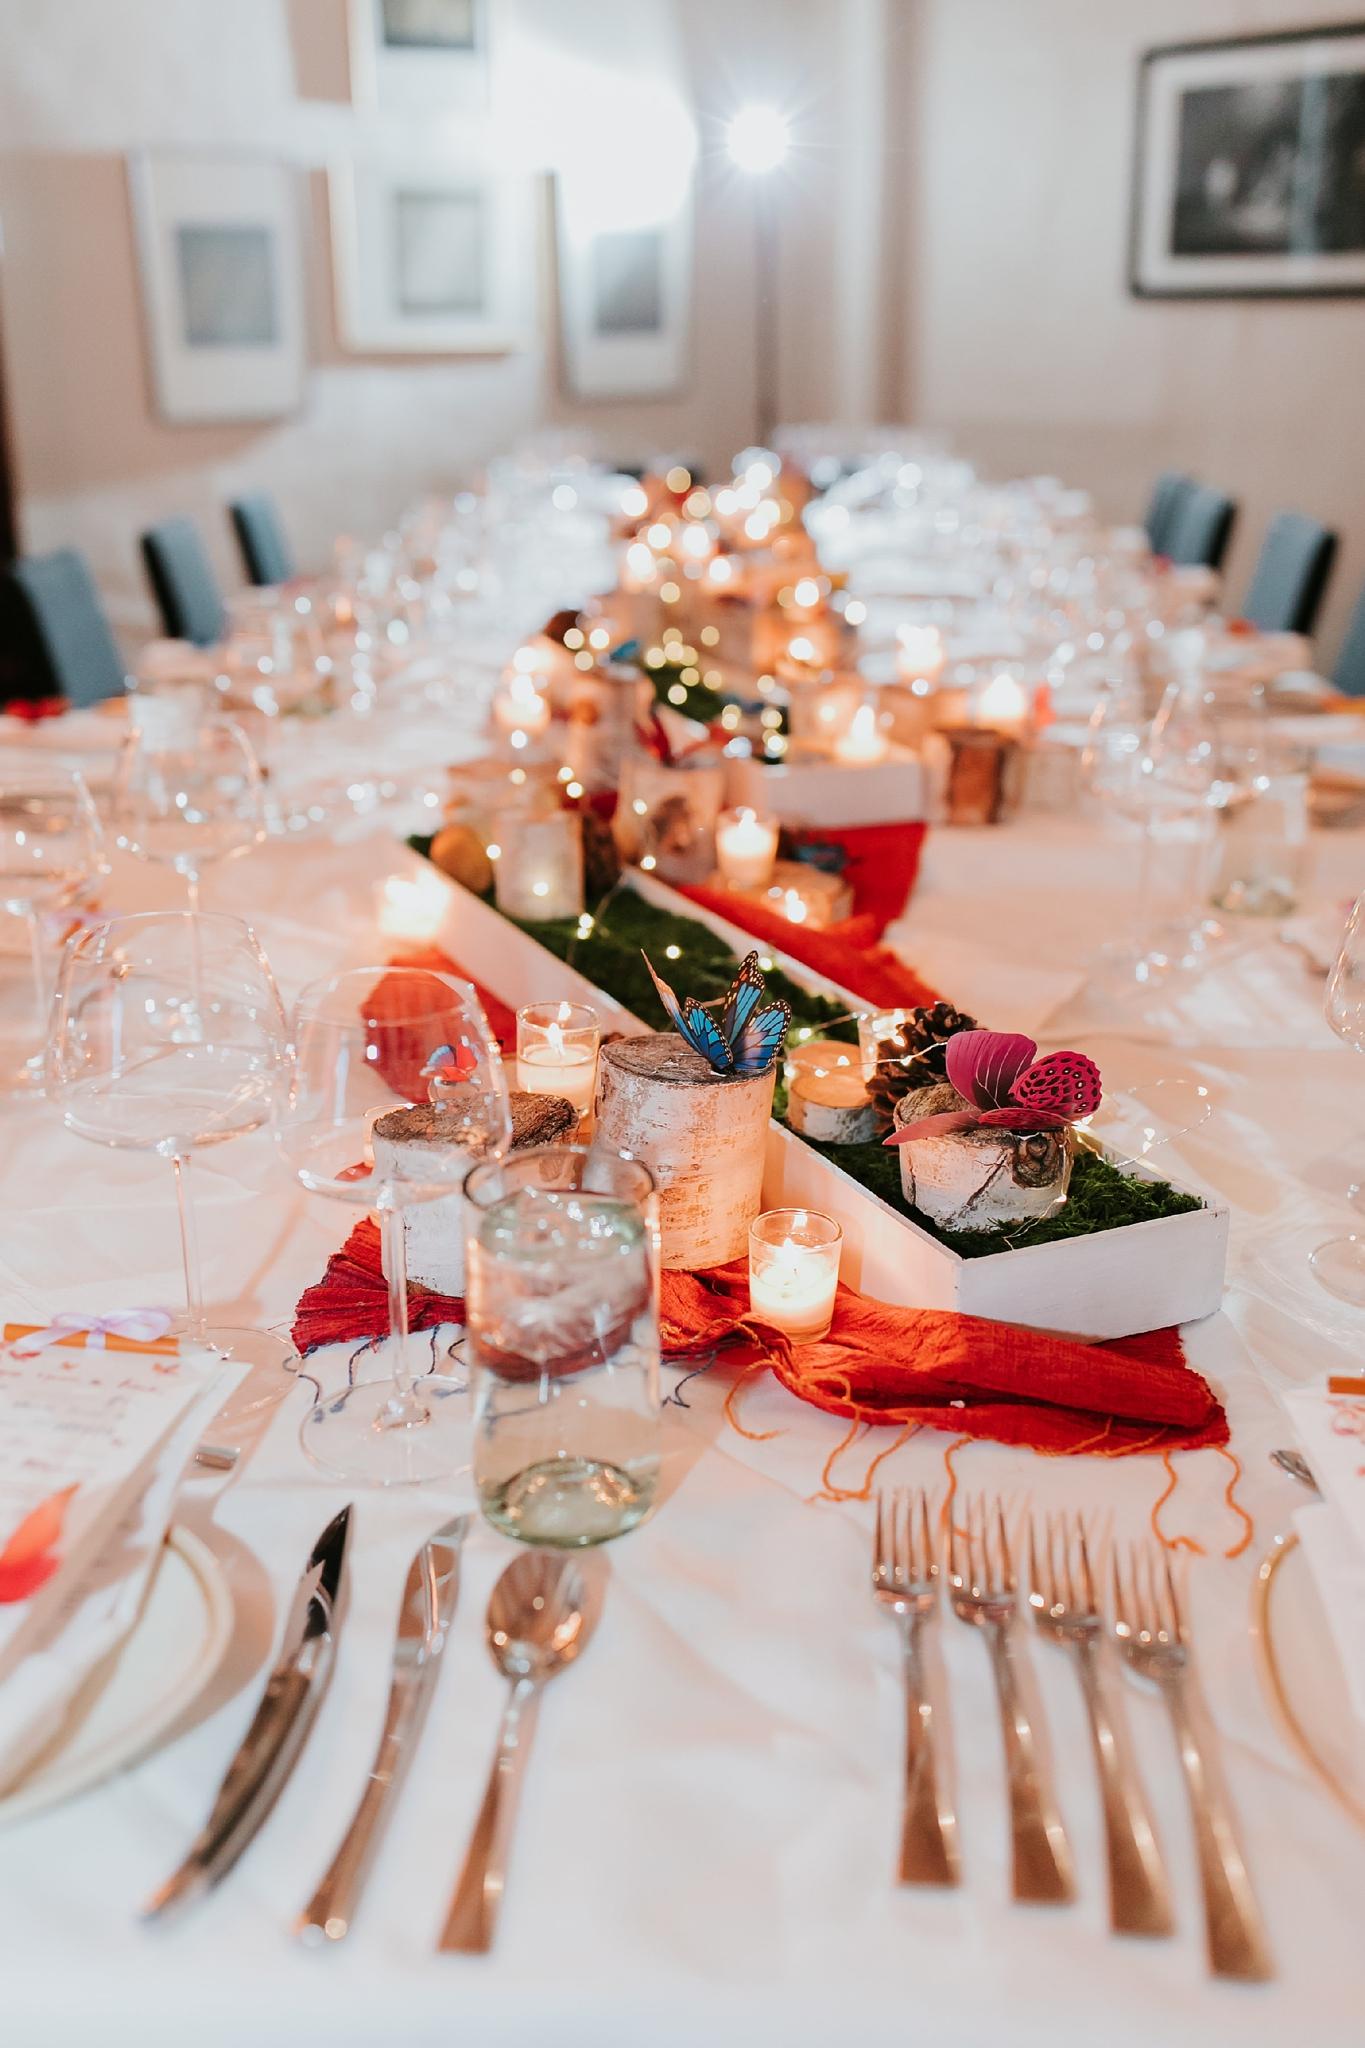 Alicia+lucia+photography+-+albuquerque+wedding+photographer+-+santa+fe+wedding+photography+-+new+mexico+wedding+photographer+-+new+mexico+wedding+-+wedding+-+winter+wedding+-+wedding+reception+-+winter+wedding+reception_0028.jpg